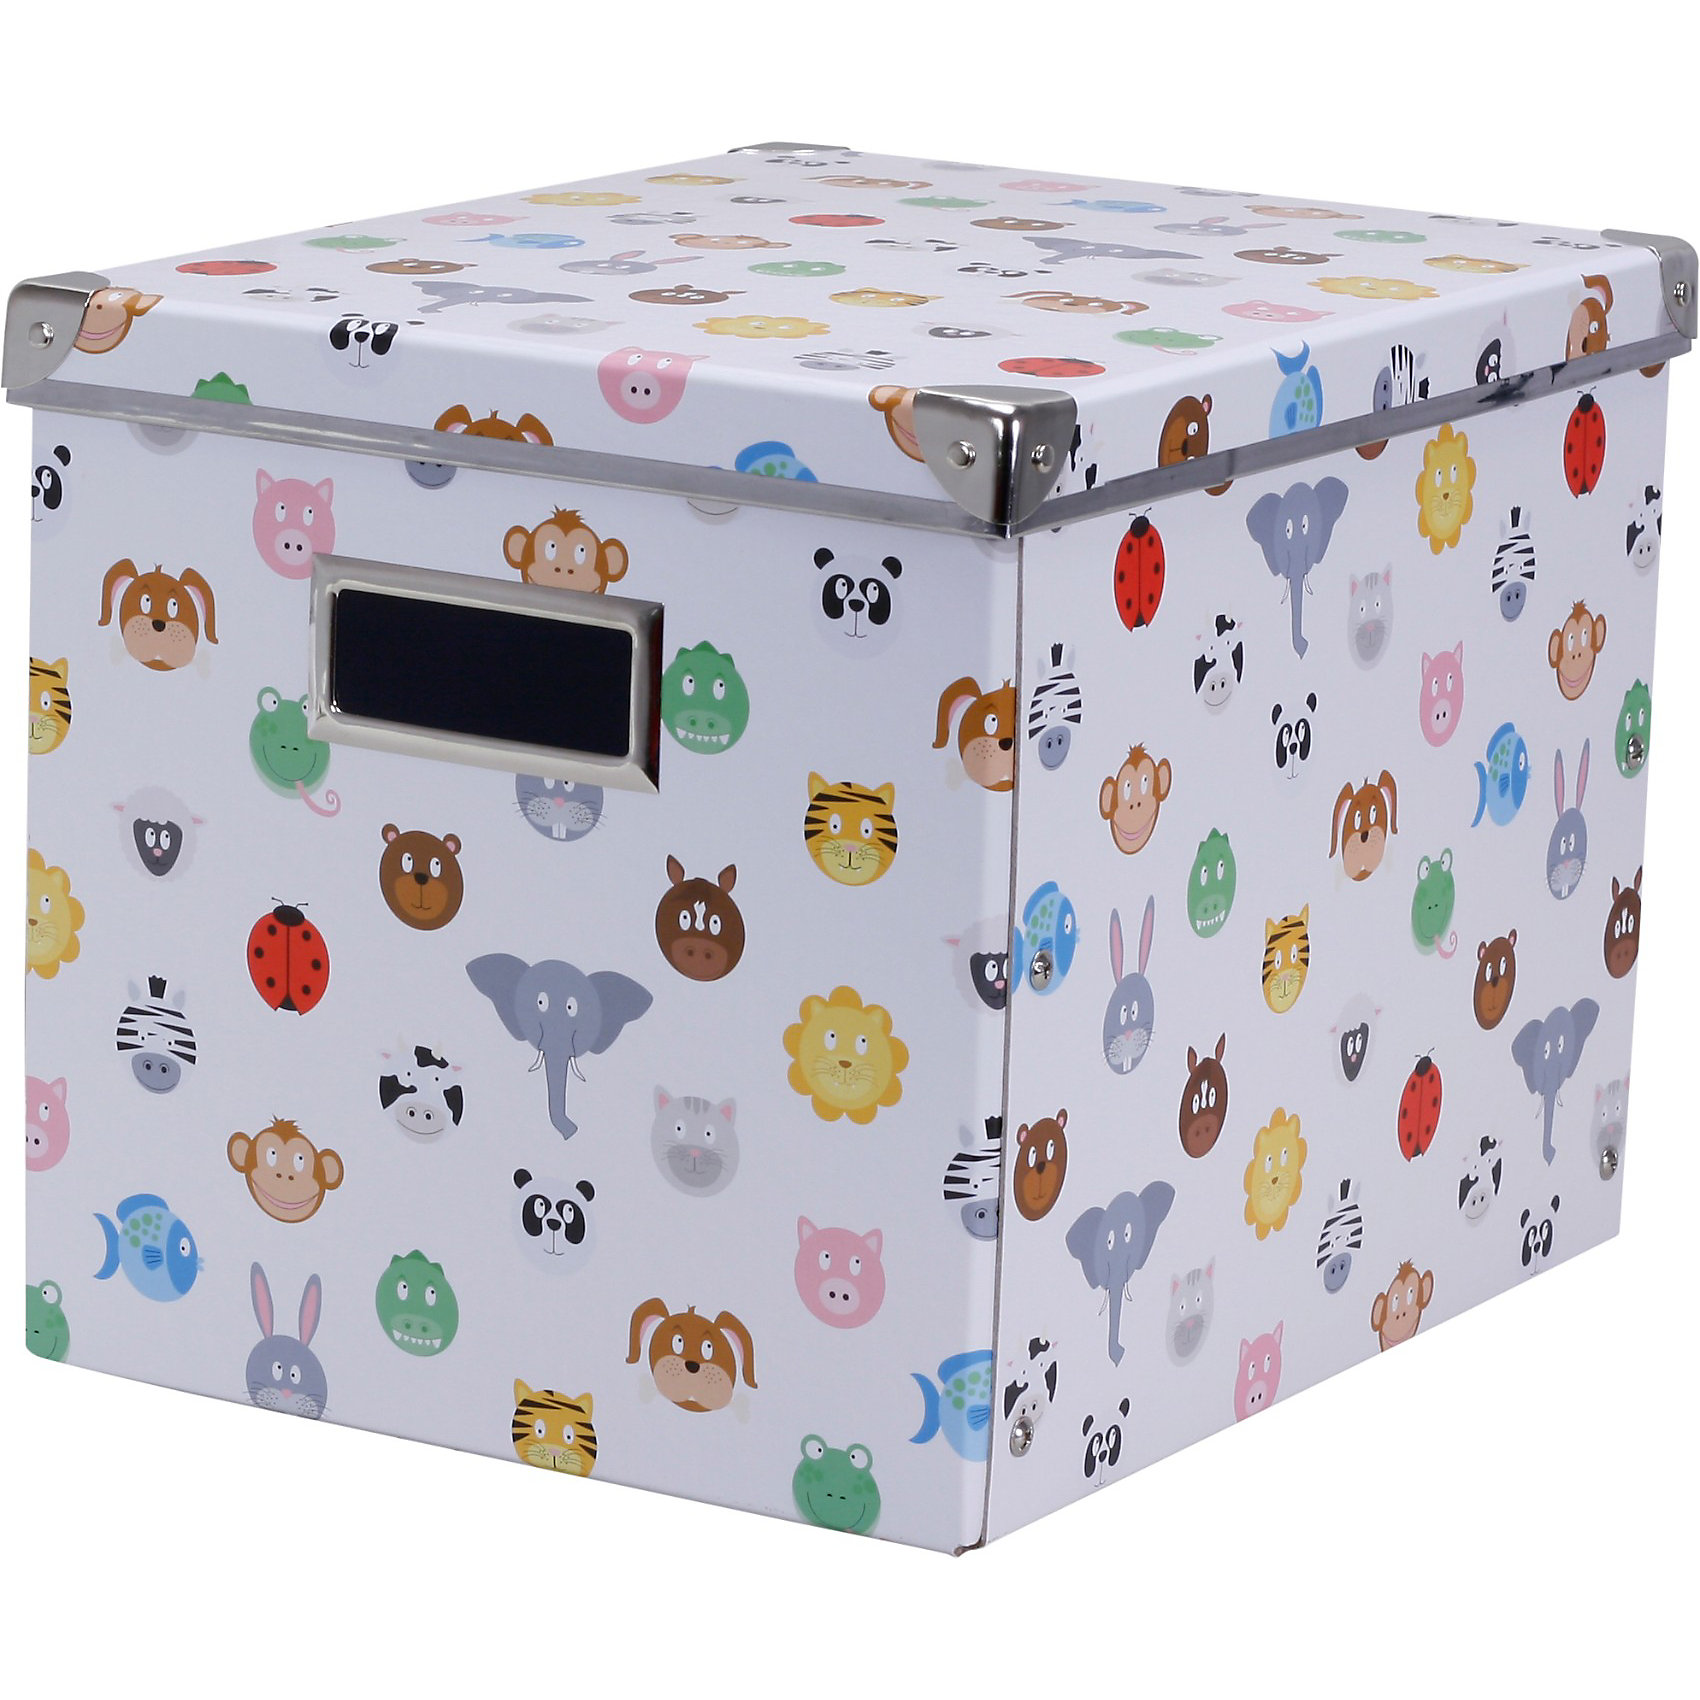 Aufbewahrungsboxen kinderzimmer design aufbewahrungsboxen - Aufbewahrungsboxen kinderzimmer design ...